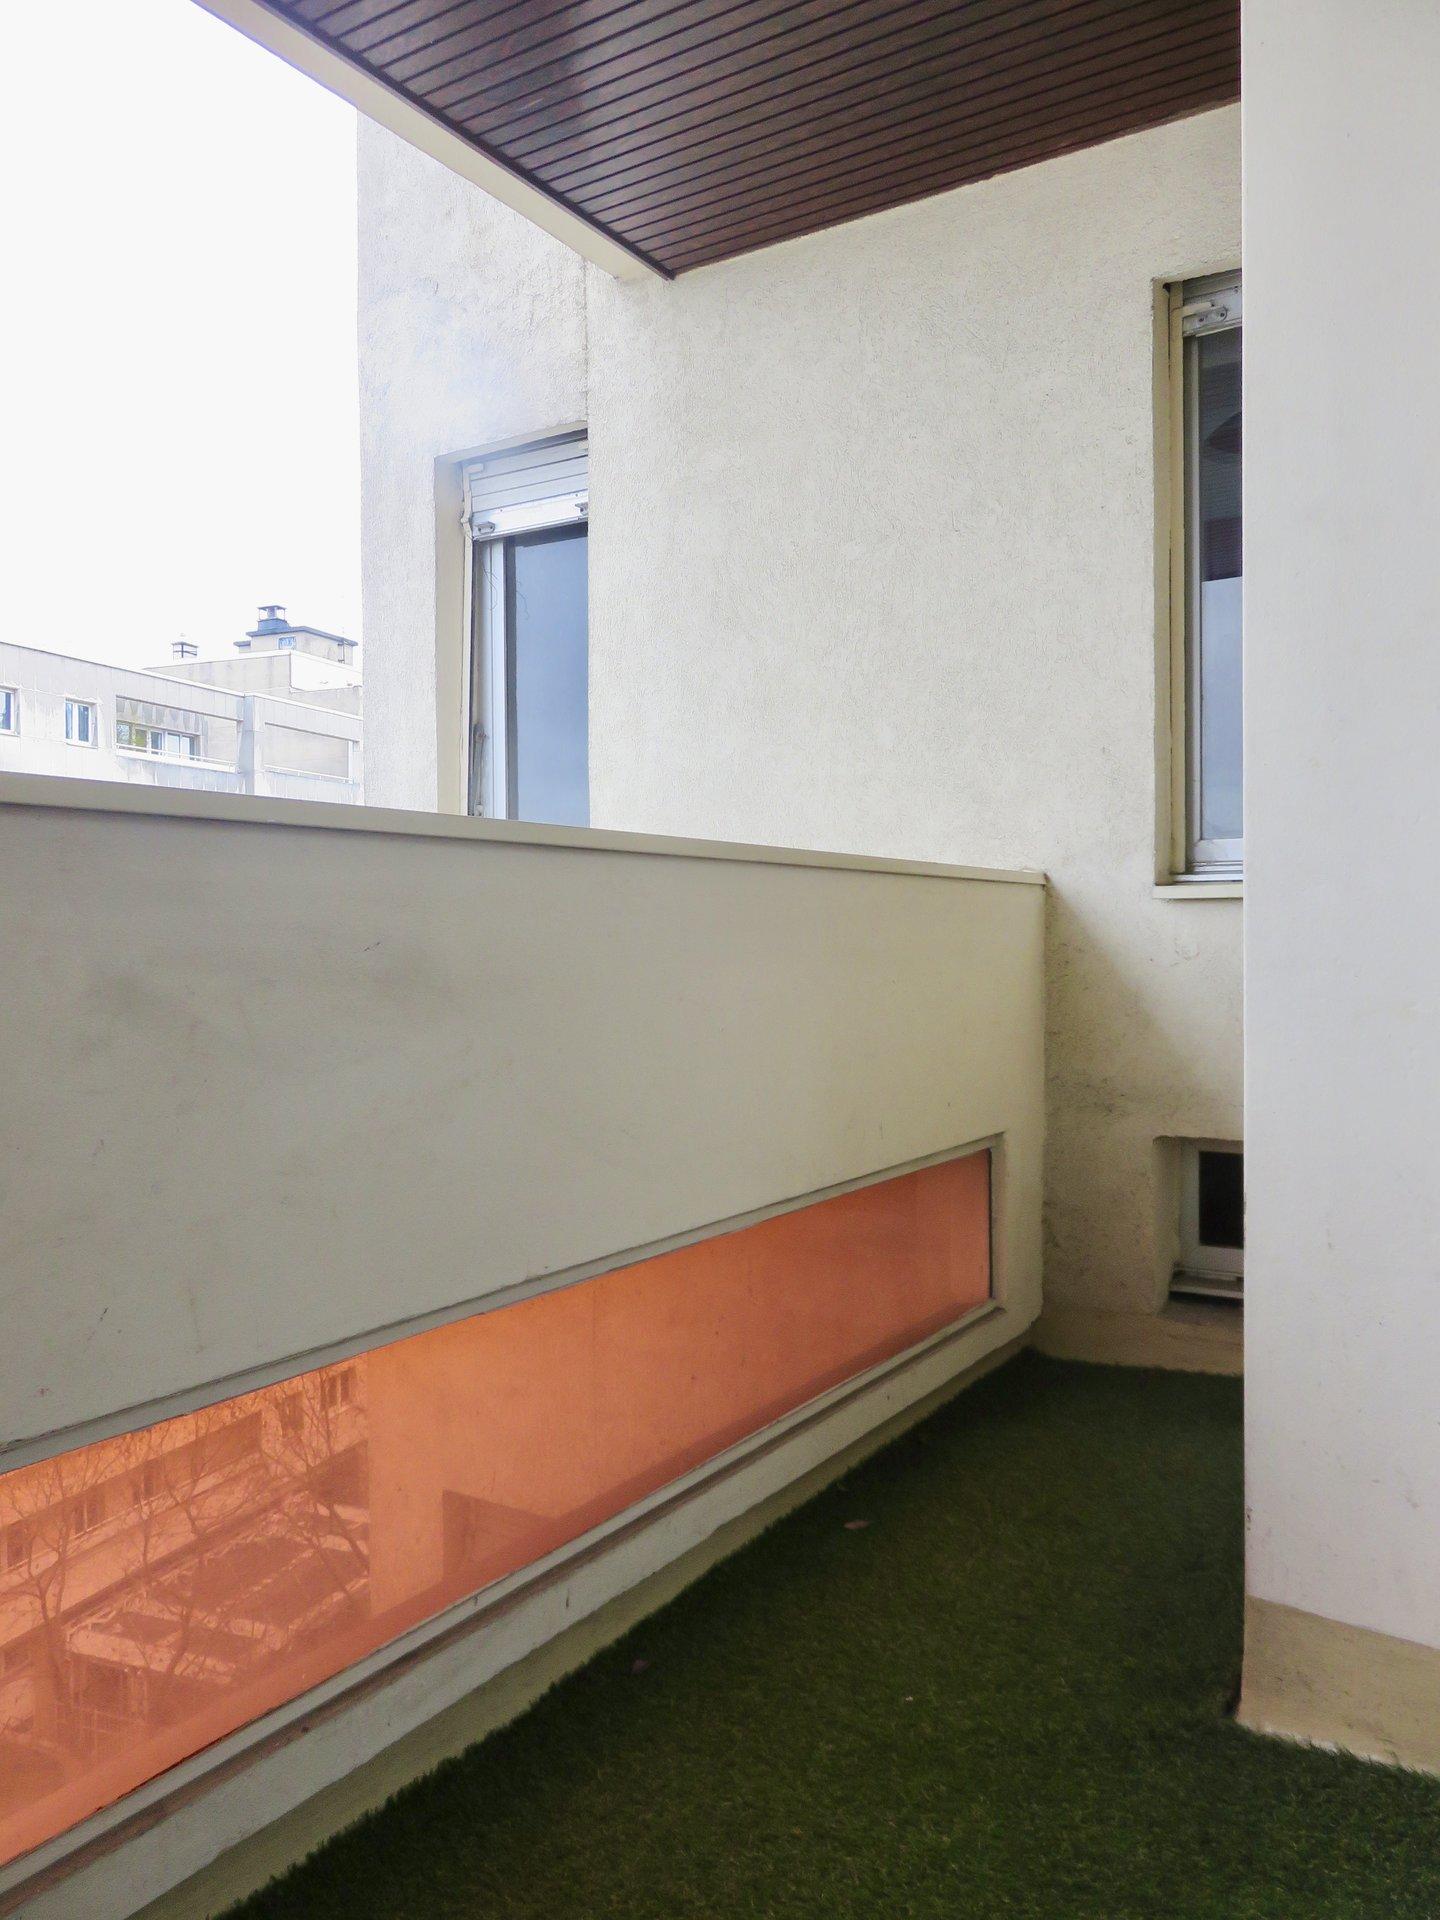 Paris - XVIII ème - M° Lamarck - Caulaincourt - STUDIO - ÉTAGE ÉLEVÉ AVEC ASCENSEUR - BALCON - VUE DÉGAGÉE